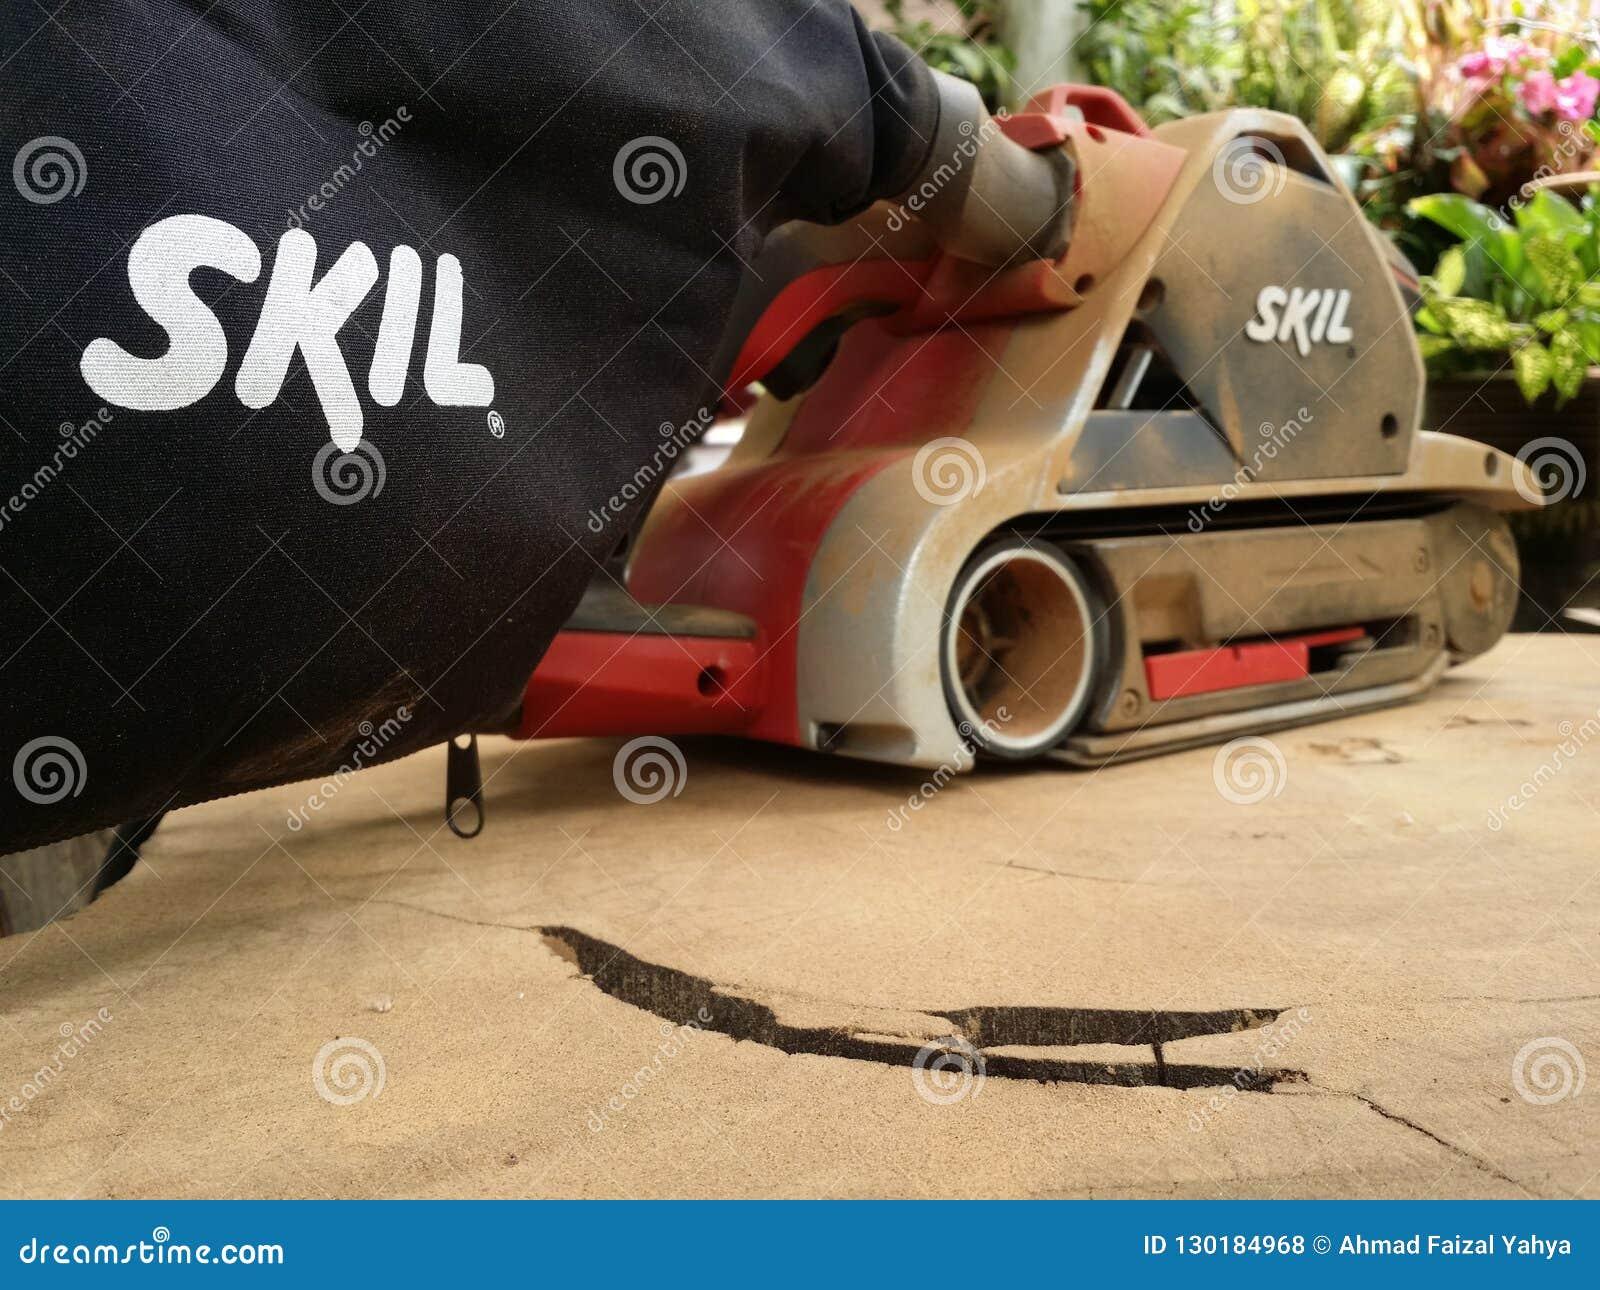 Dusty Skil-merk elektrische schuurmachine